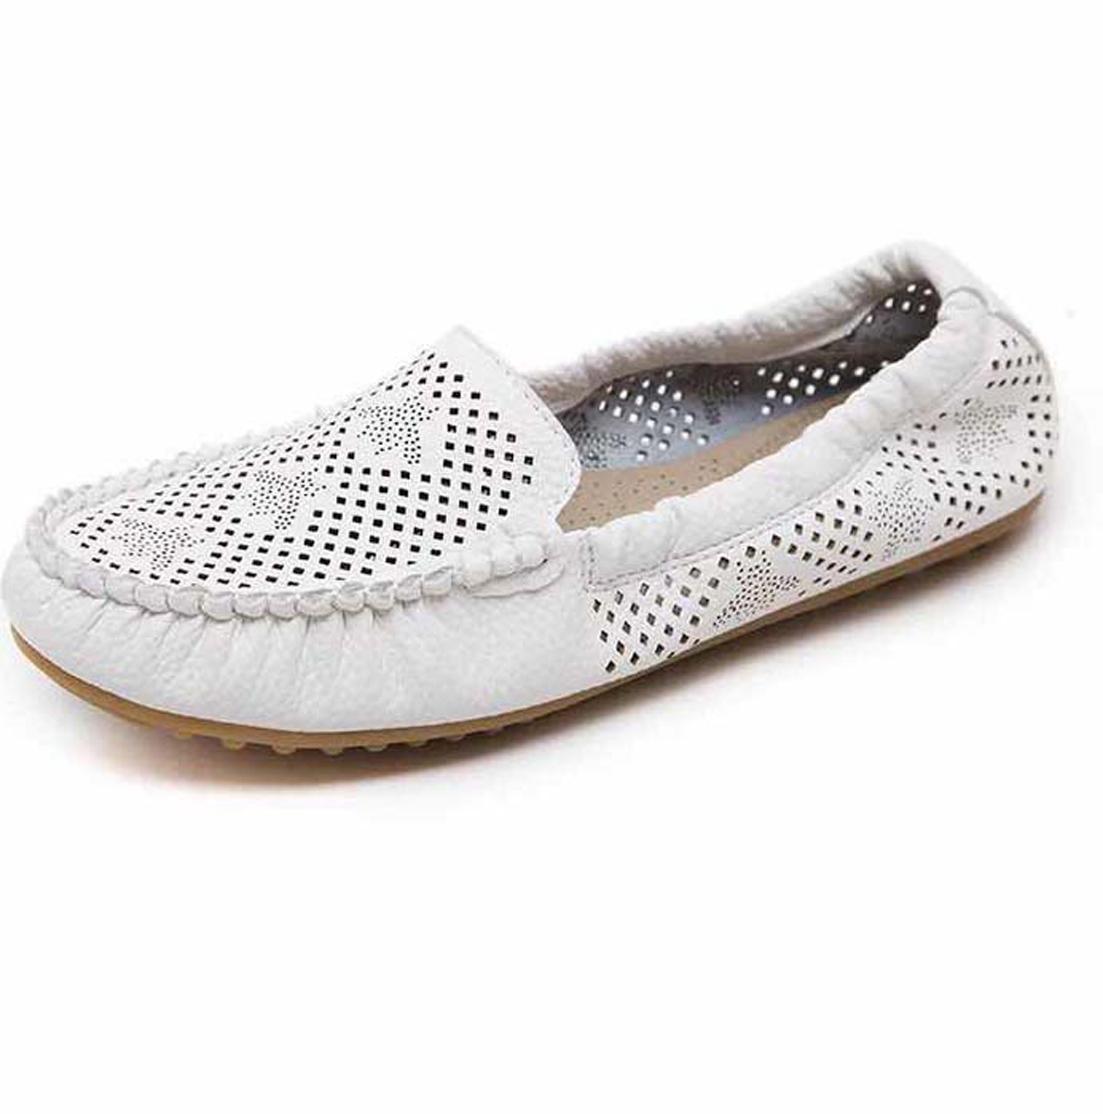 Avec la boîte Sneaker Chaussures Casual Baskets Mode Chaussures de sport de haute qualité Bottes en cuir pantoufles de sandales Vintage femme 06PX13